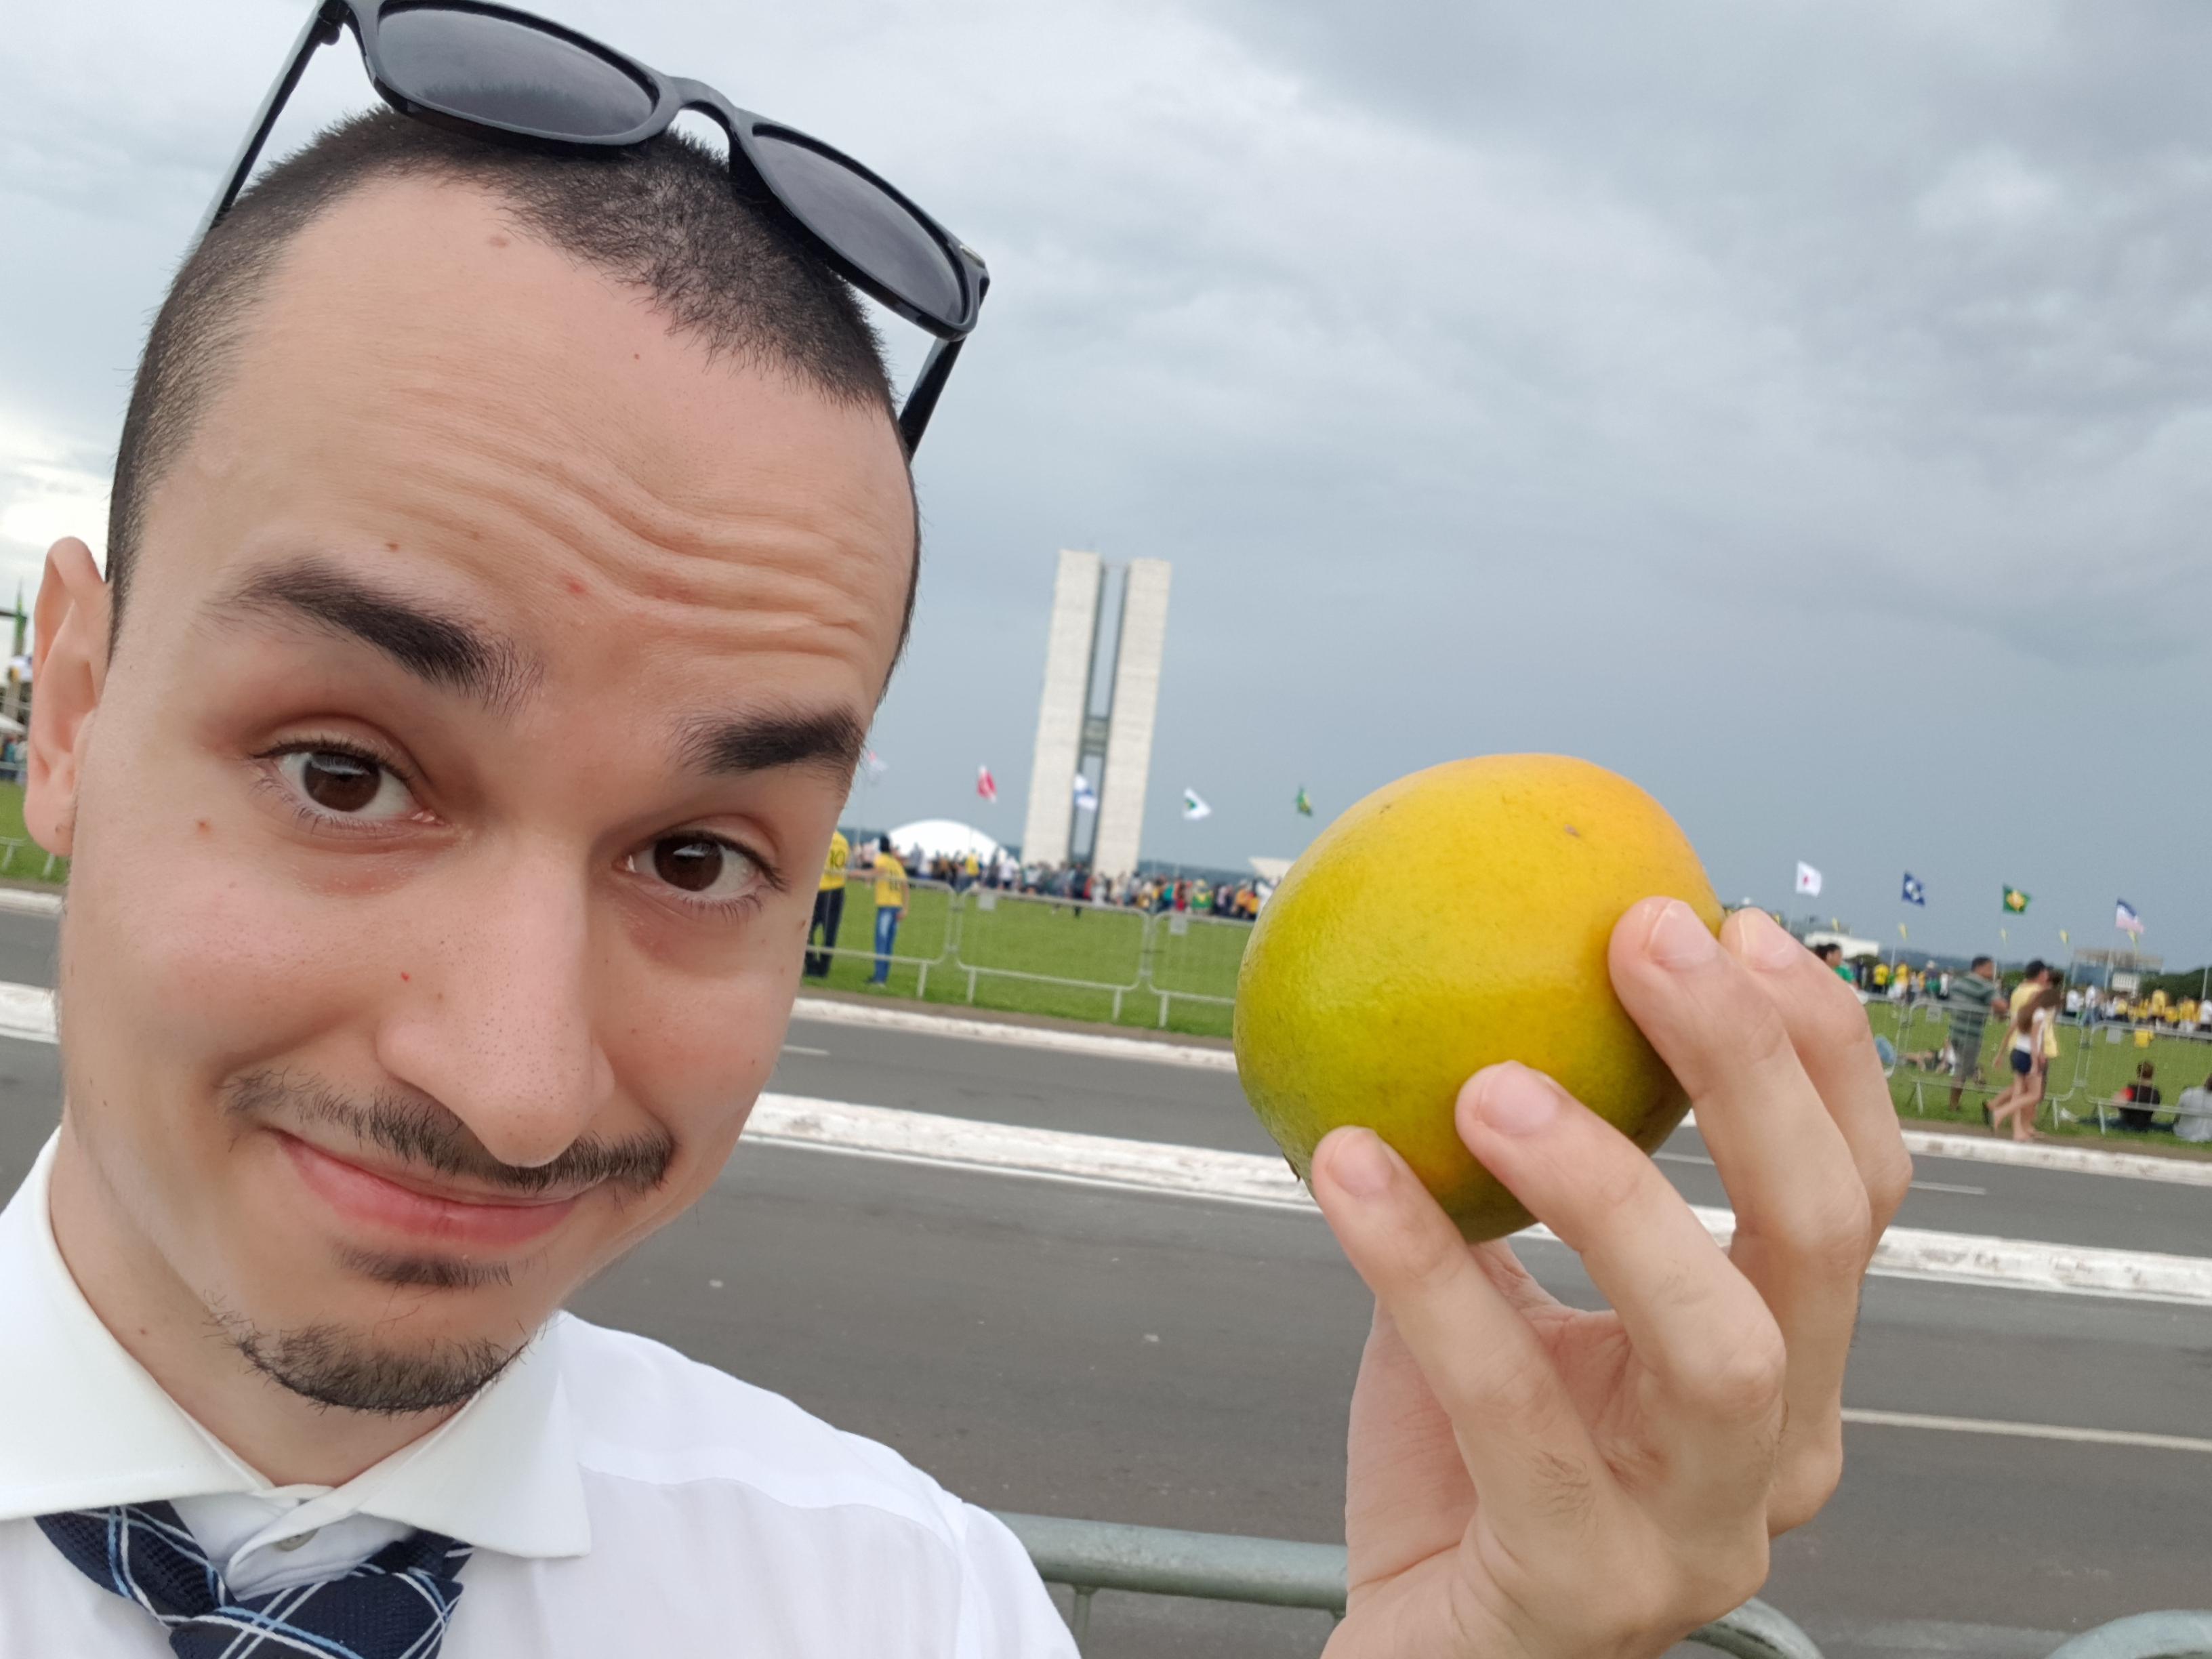 Fomos à posse (sem convite) e a segurança não barrou essa importante fruta do governo Bolsonaro. Foto: Cedê Silva/A Agência